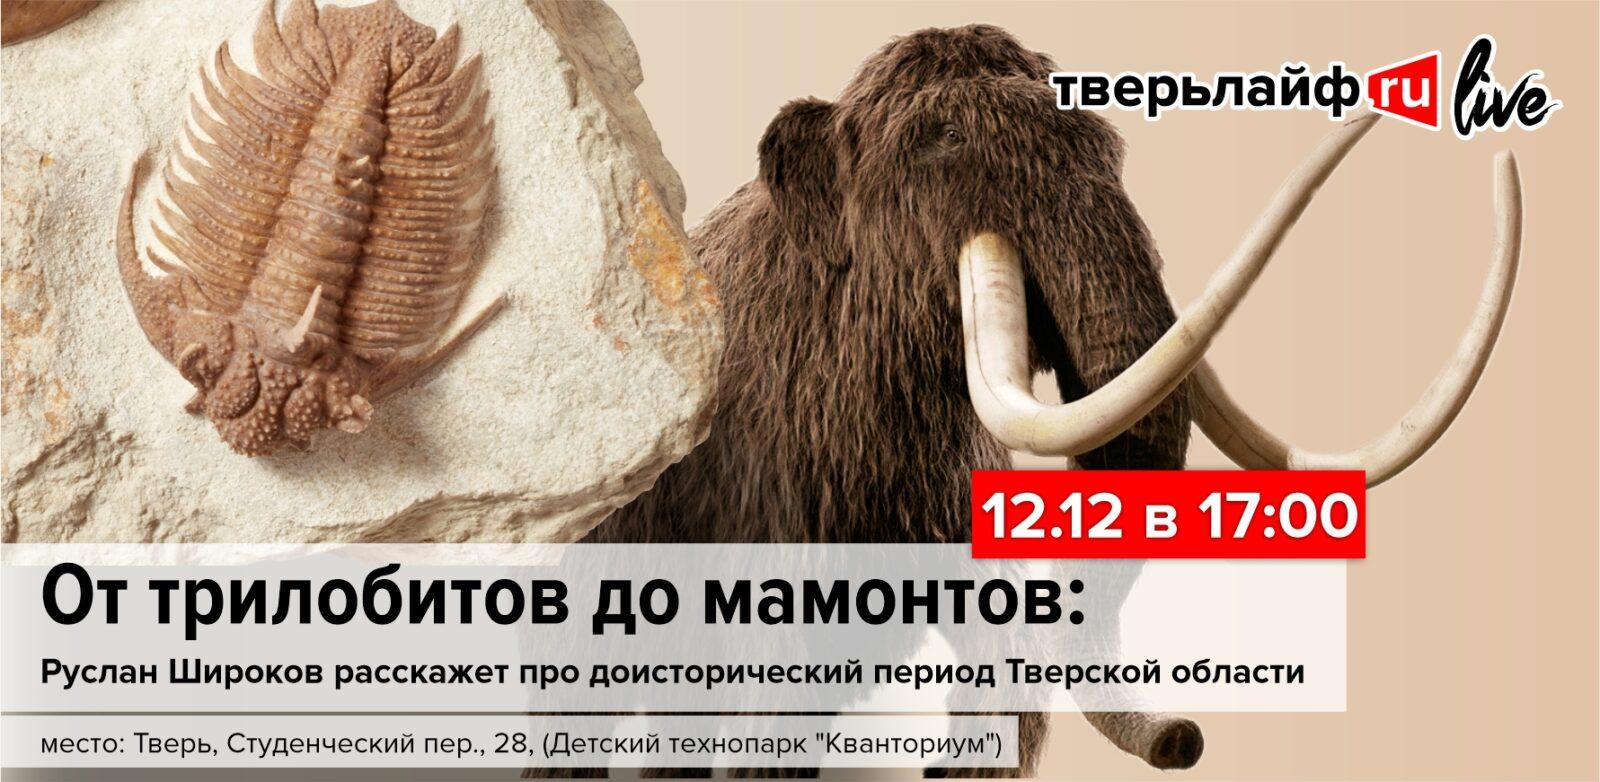 От трилобитов до мамонтов: в Кванториуме расскажут про доисторический период Тверской области